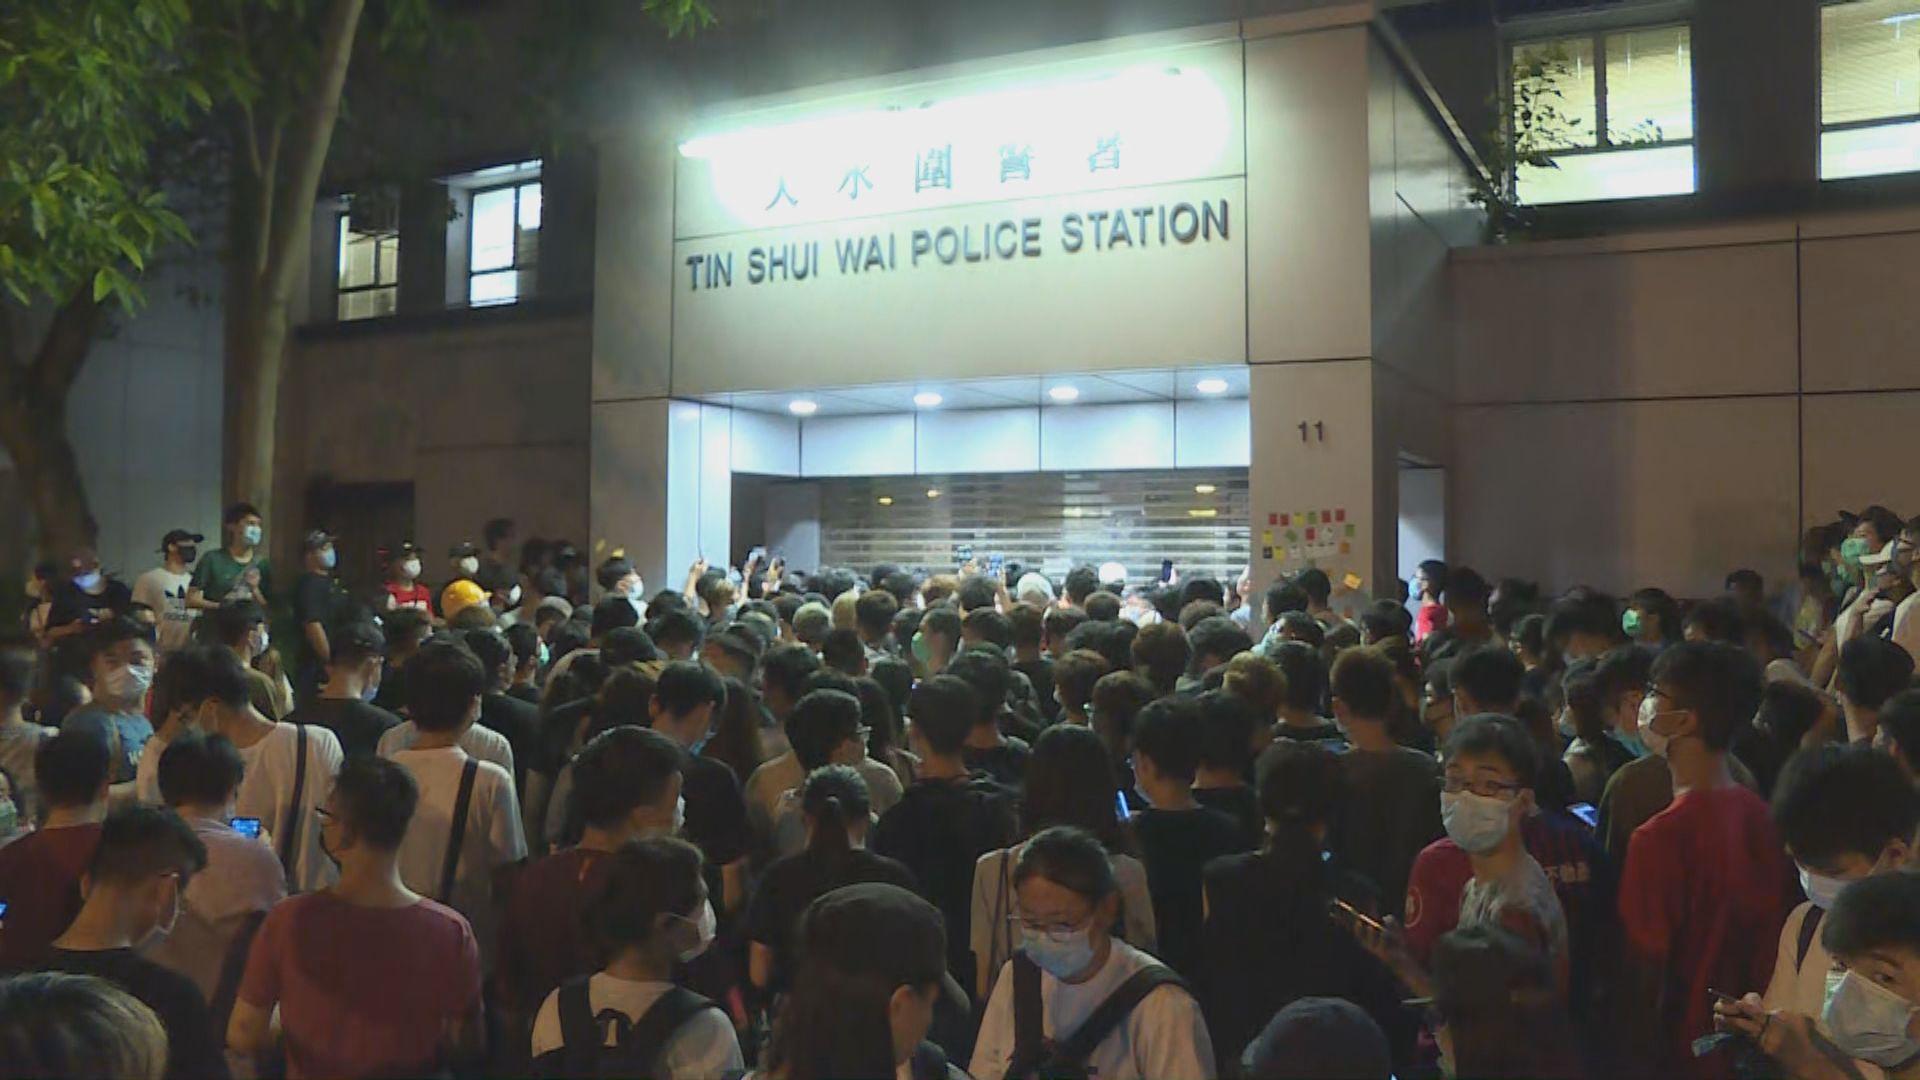 周三凌晨有數百人包圍天水圍警署